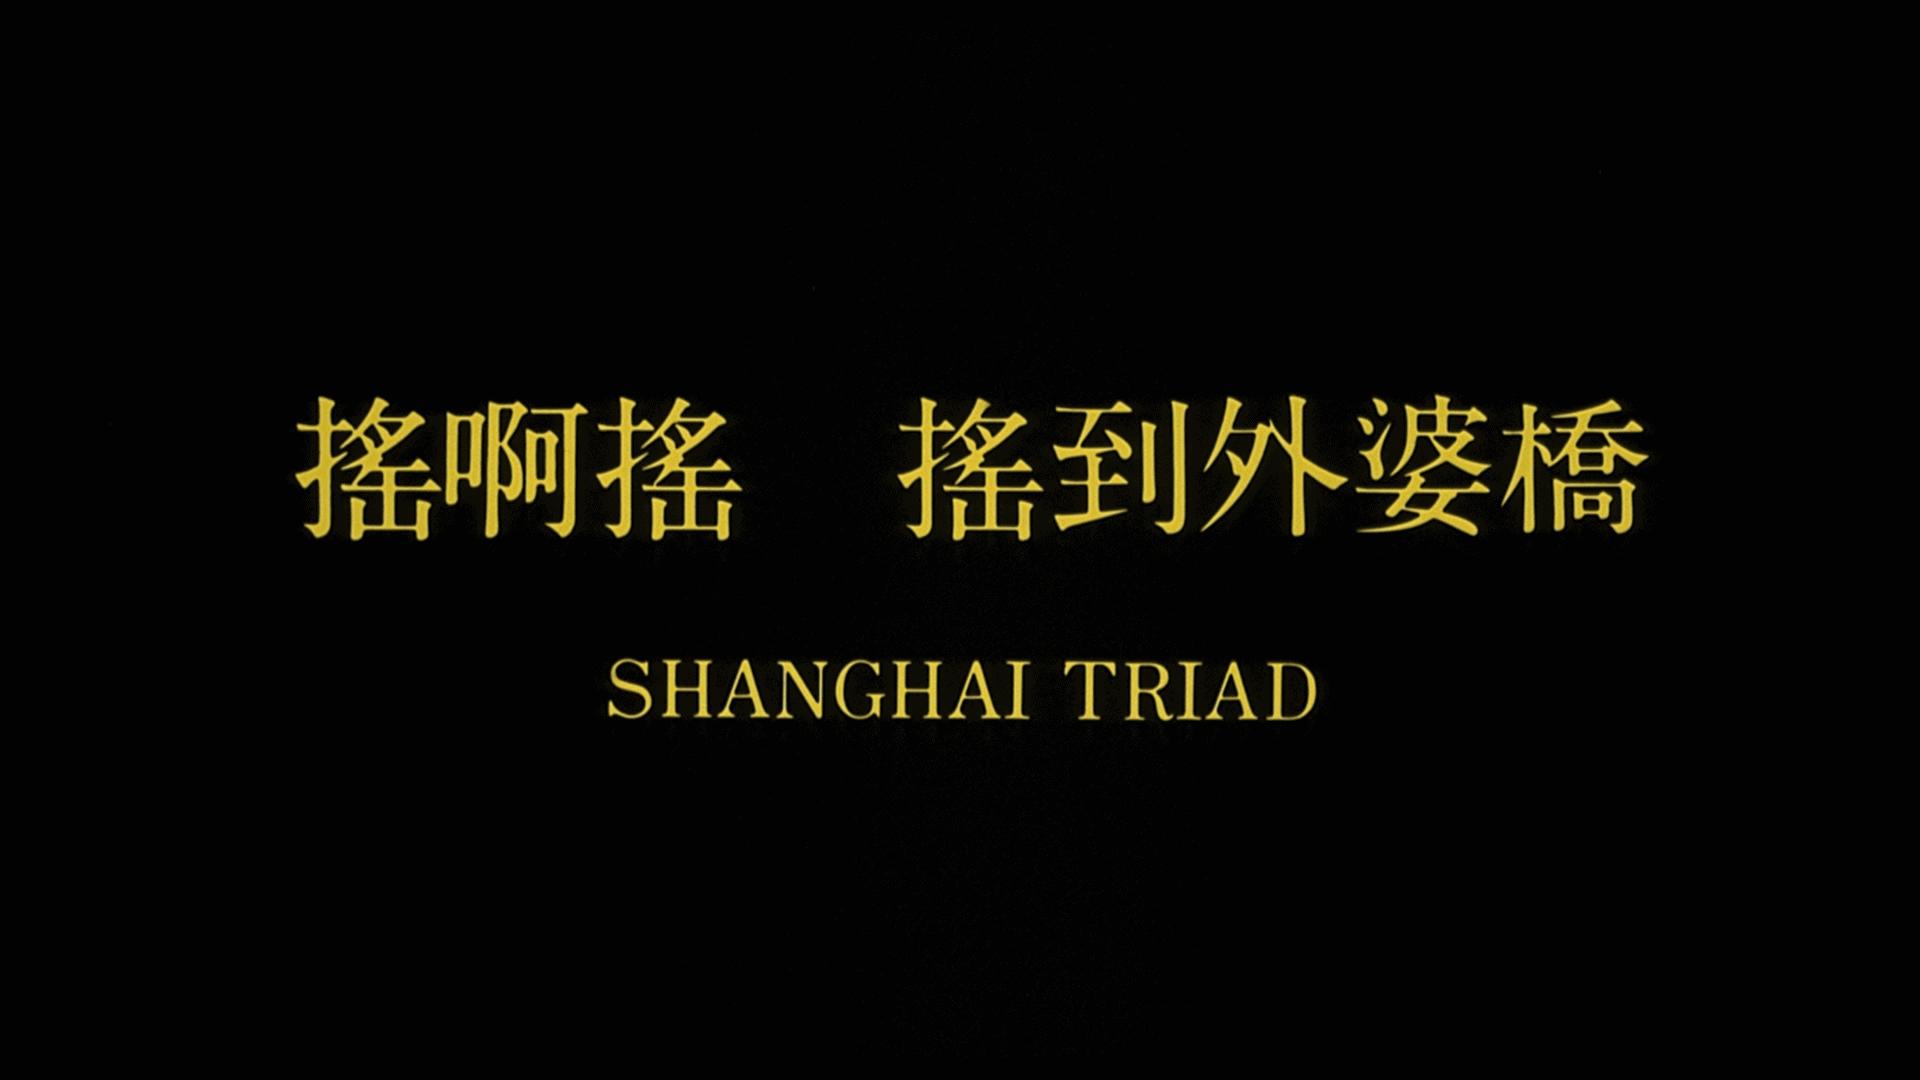 shanghai triad title